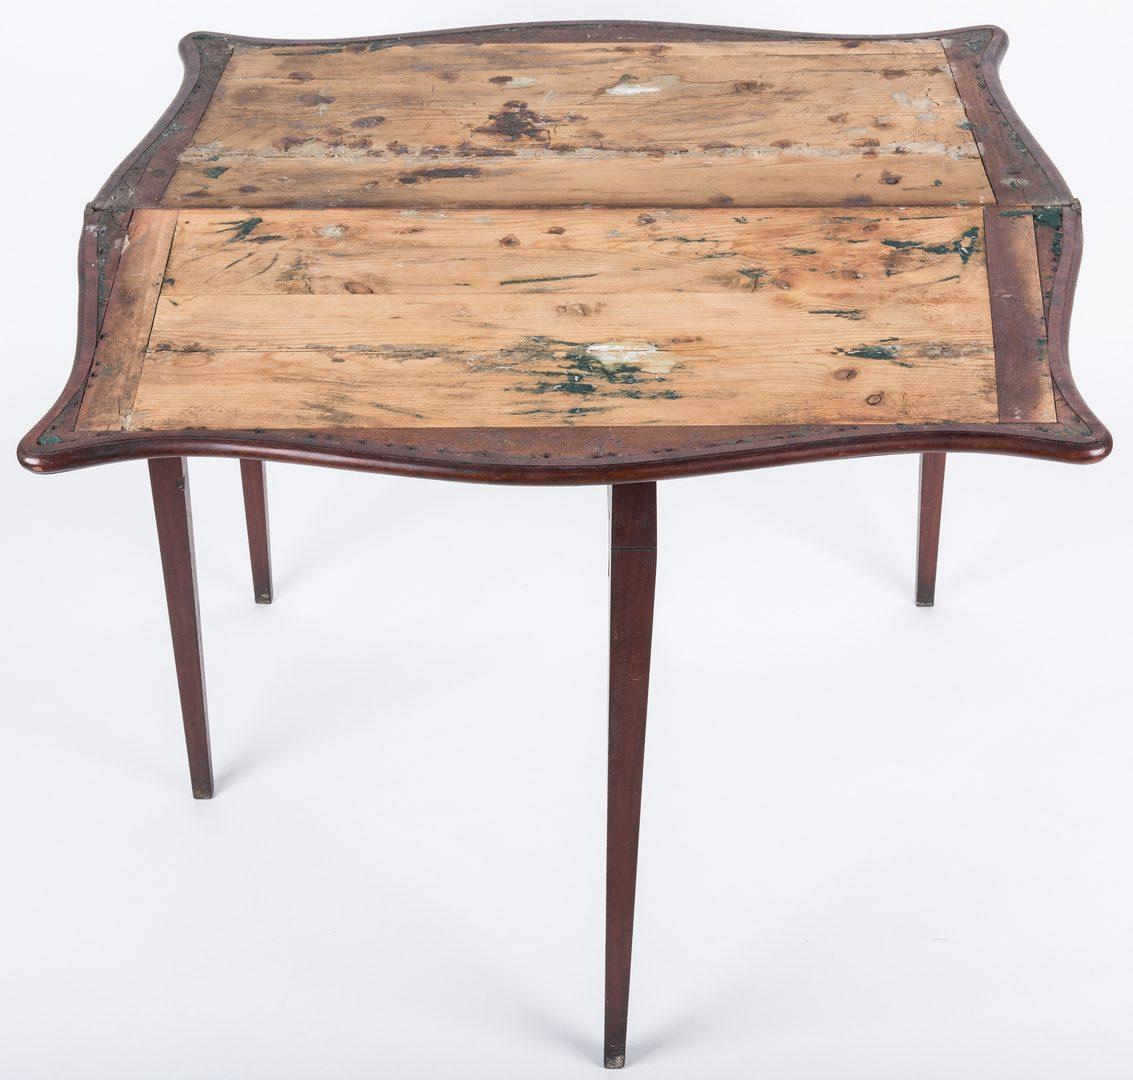 Lot 144: Federal Game Table, John Marshall History